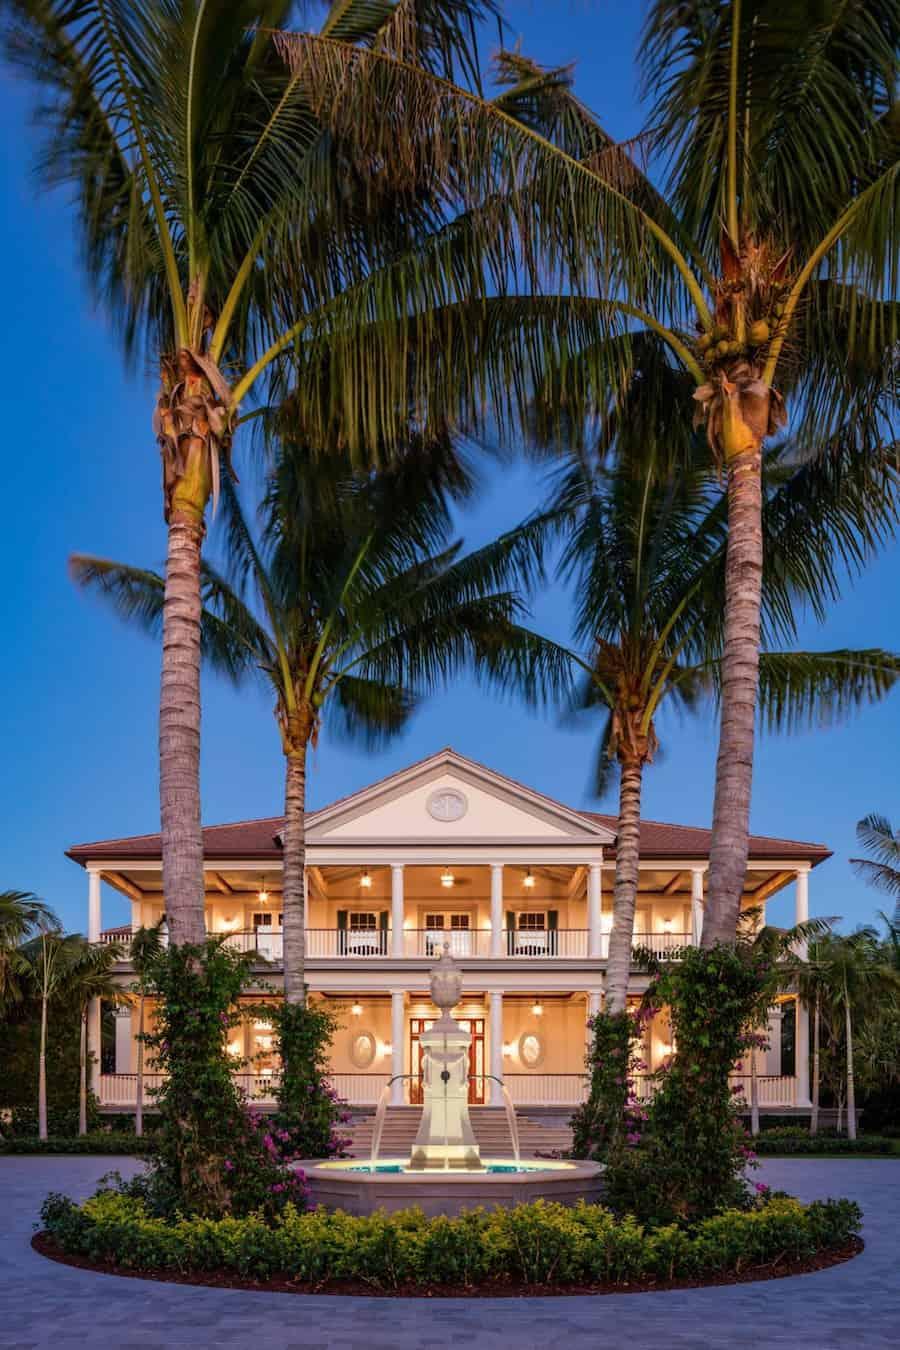 Disfruta de la alegría frente al mar en esta elegante propiedad en Palm Beach, Florida a la venta por $59 millones